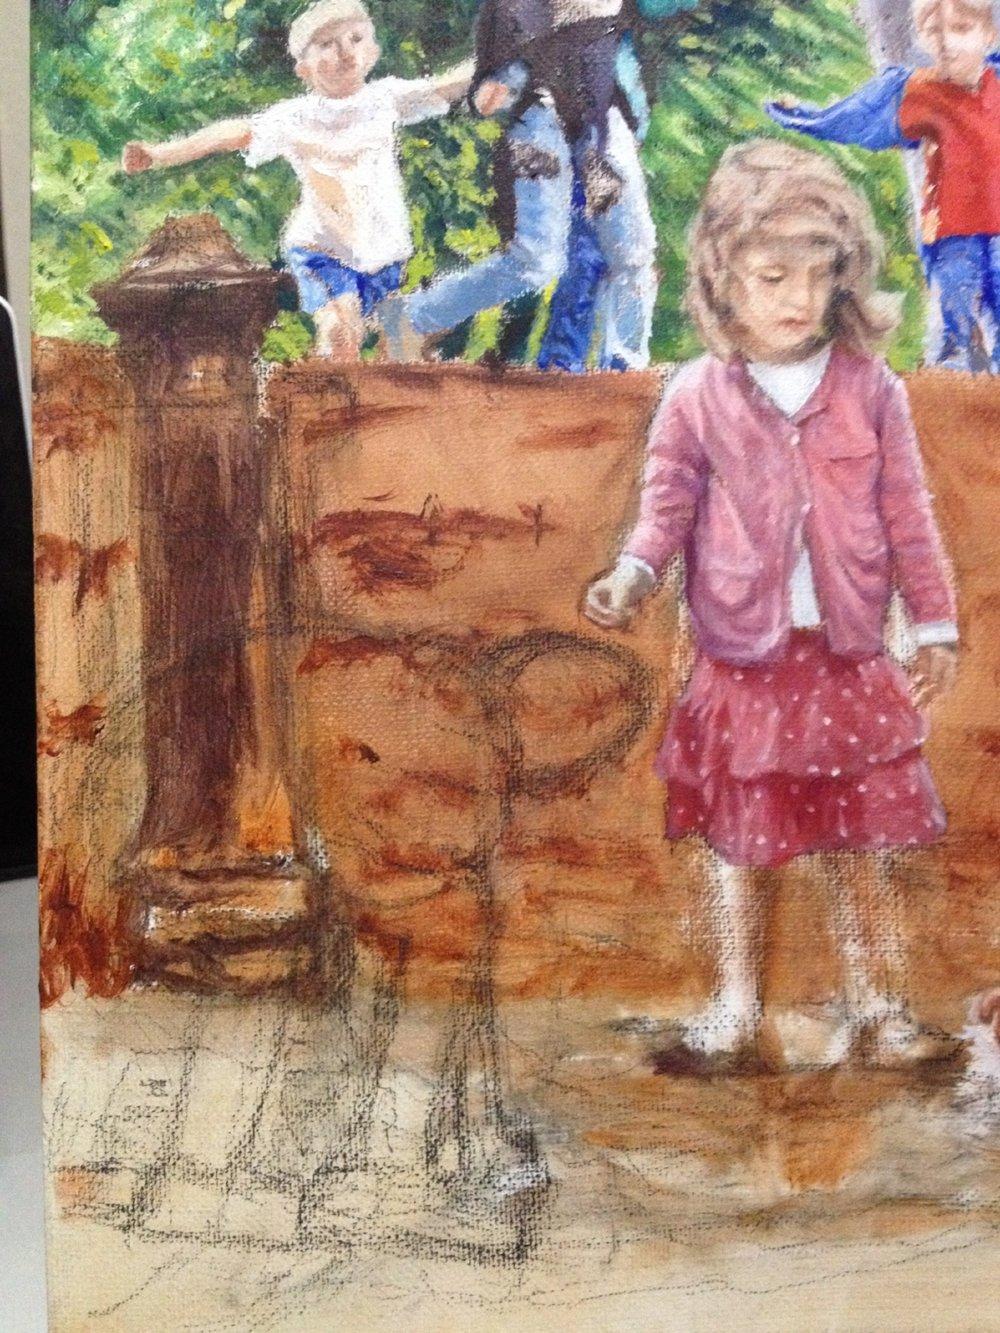 Kid in mud sketched in